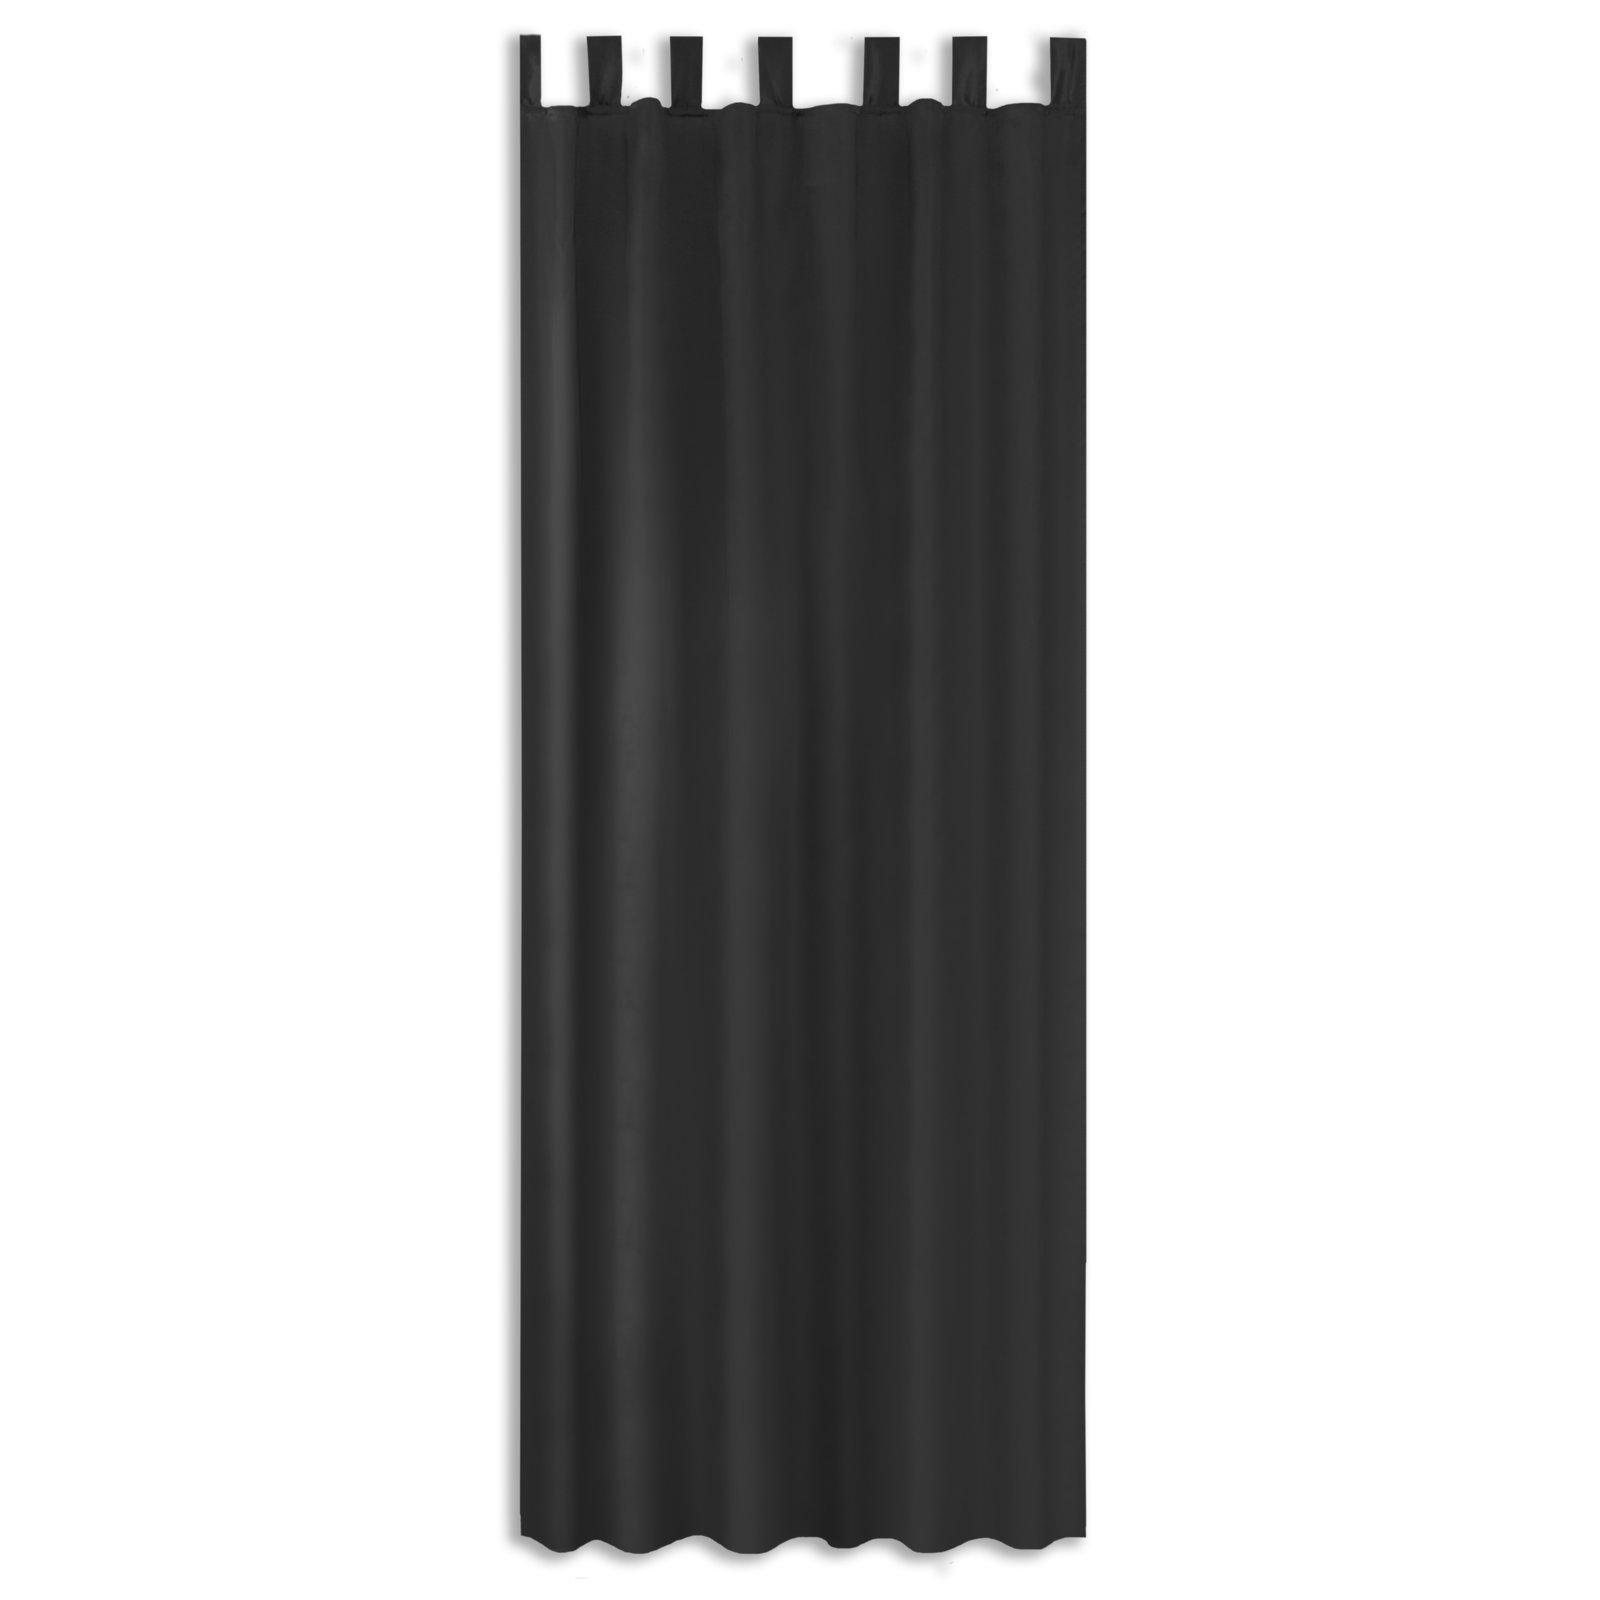 Schlaufenvorhang BRITNEY - schwarz - 140x235 cm